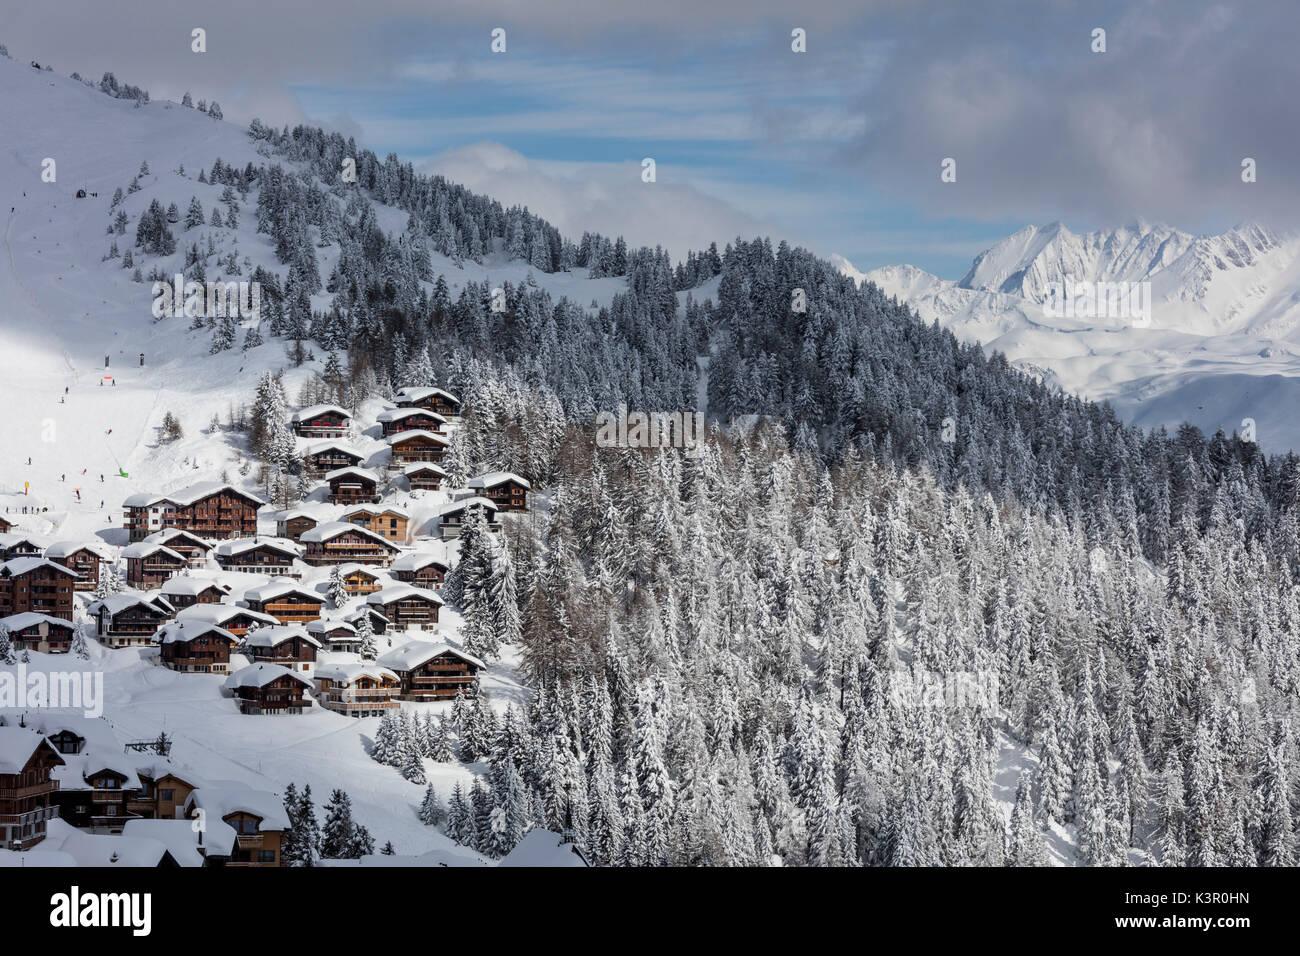 La trame Snowy Woods village alpin typique et de la station de ski Bettmeralp Française, canton du Valais Suisse Europe Photo Stock